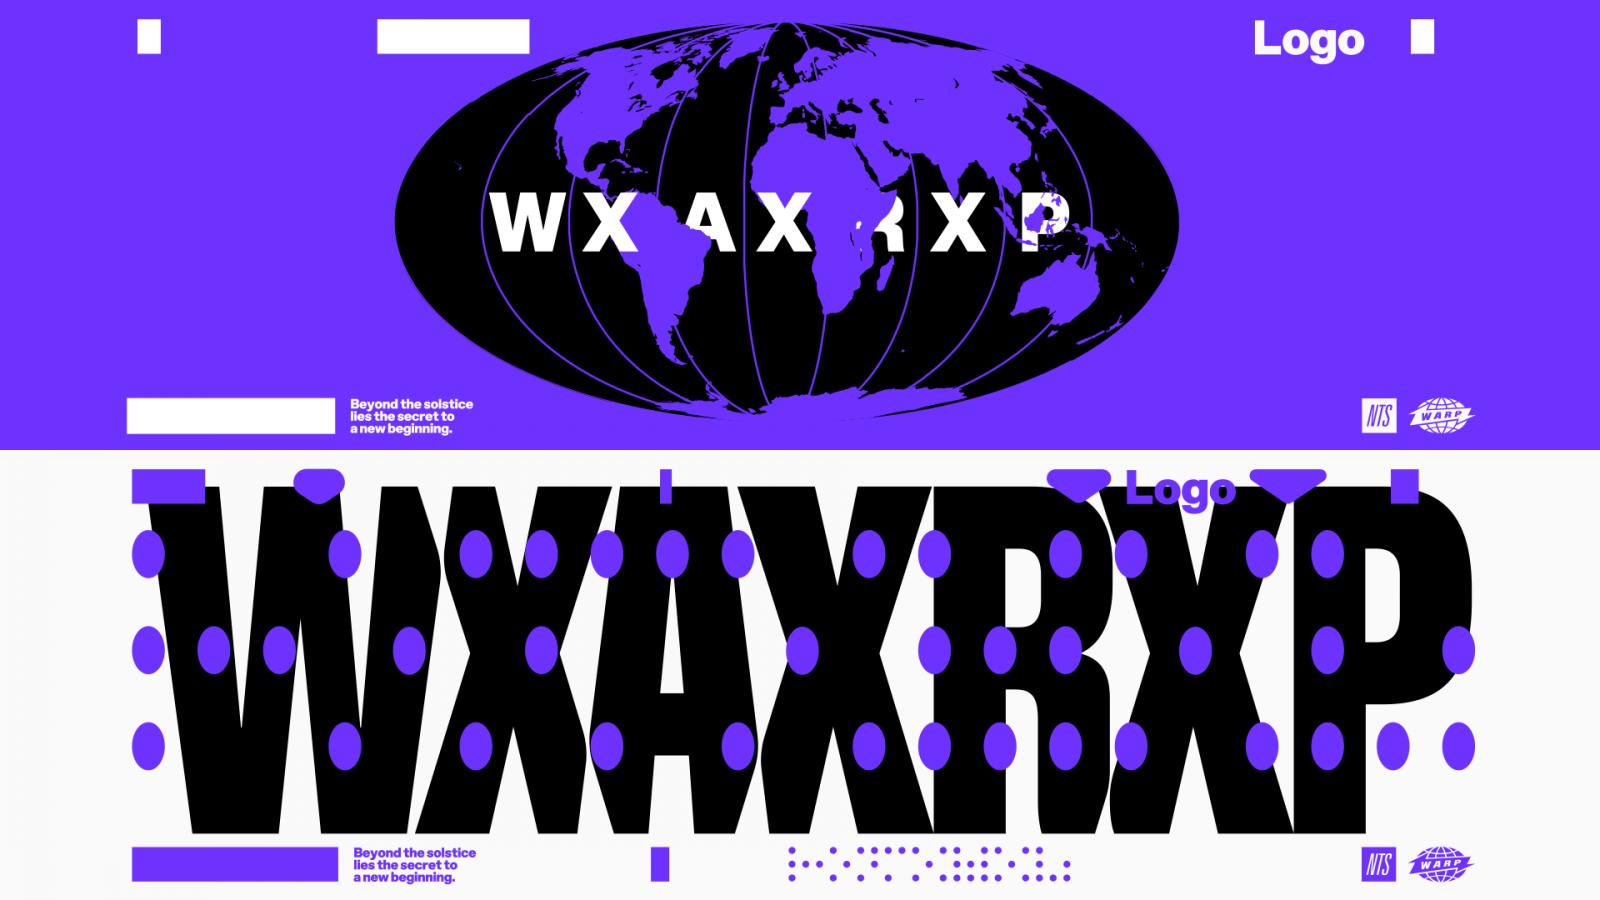 WXAXRXP 30 YEARS OF WARP un mese dopo cosa rimasto cosa 1600x900